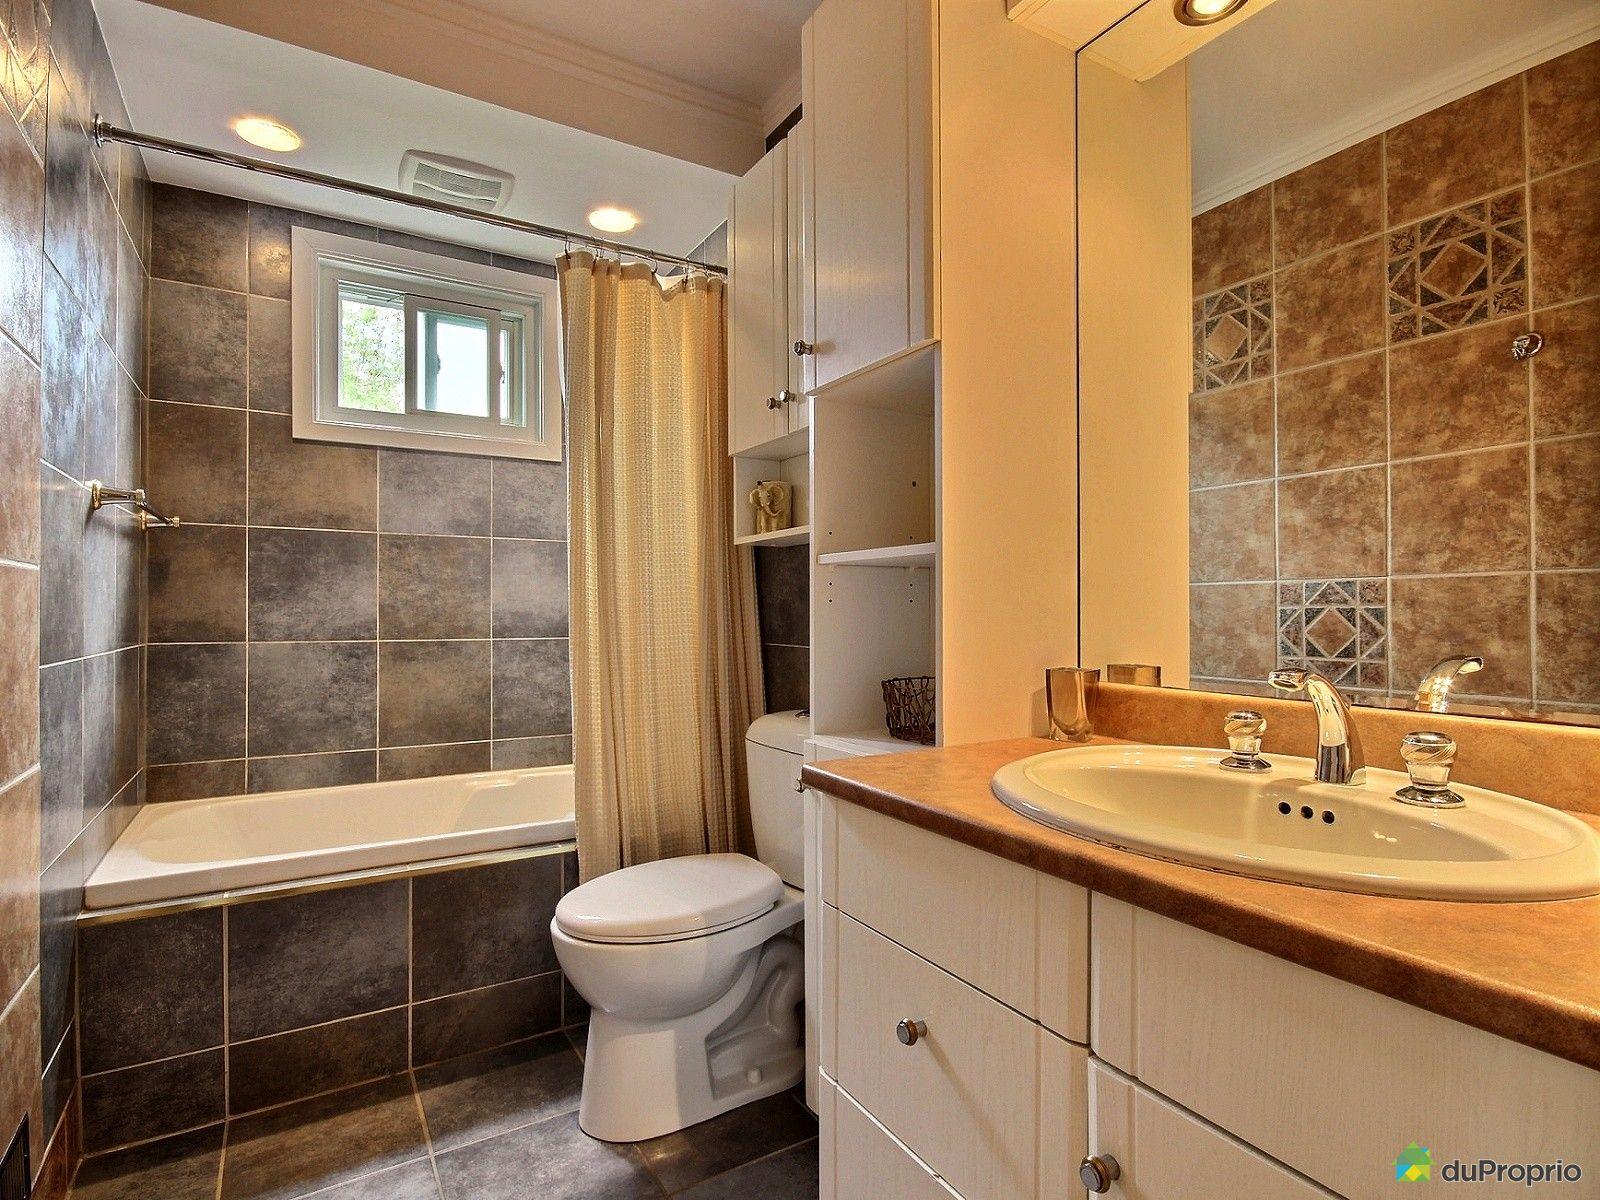 Jumel vendu longueuil immobilier qu bec duproprio 544276 for Salle de bain longueuil